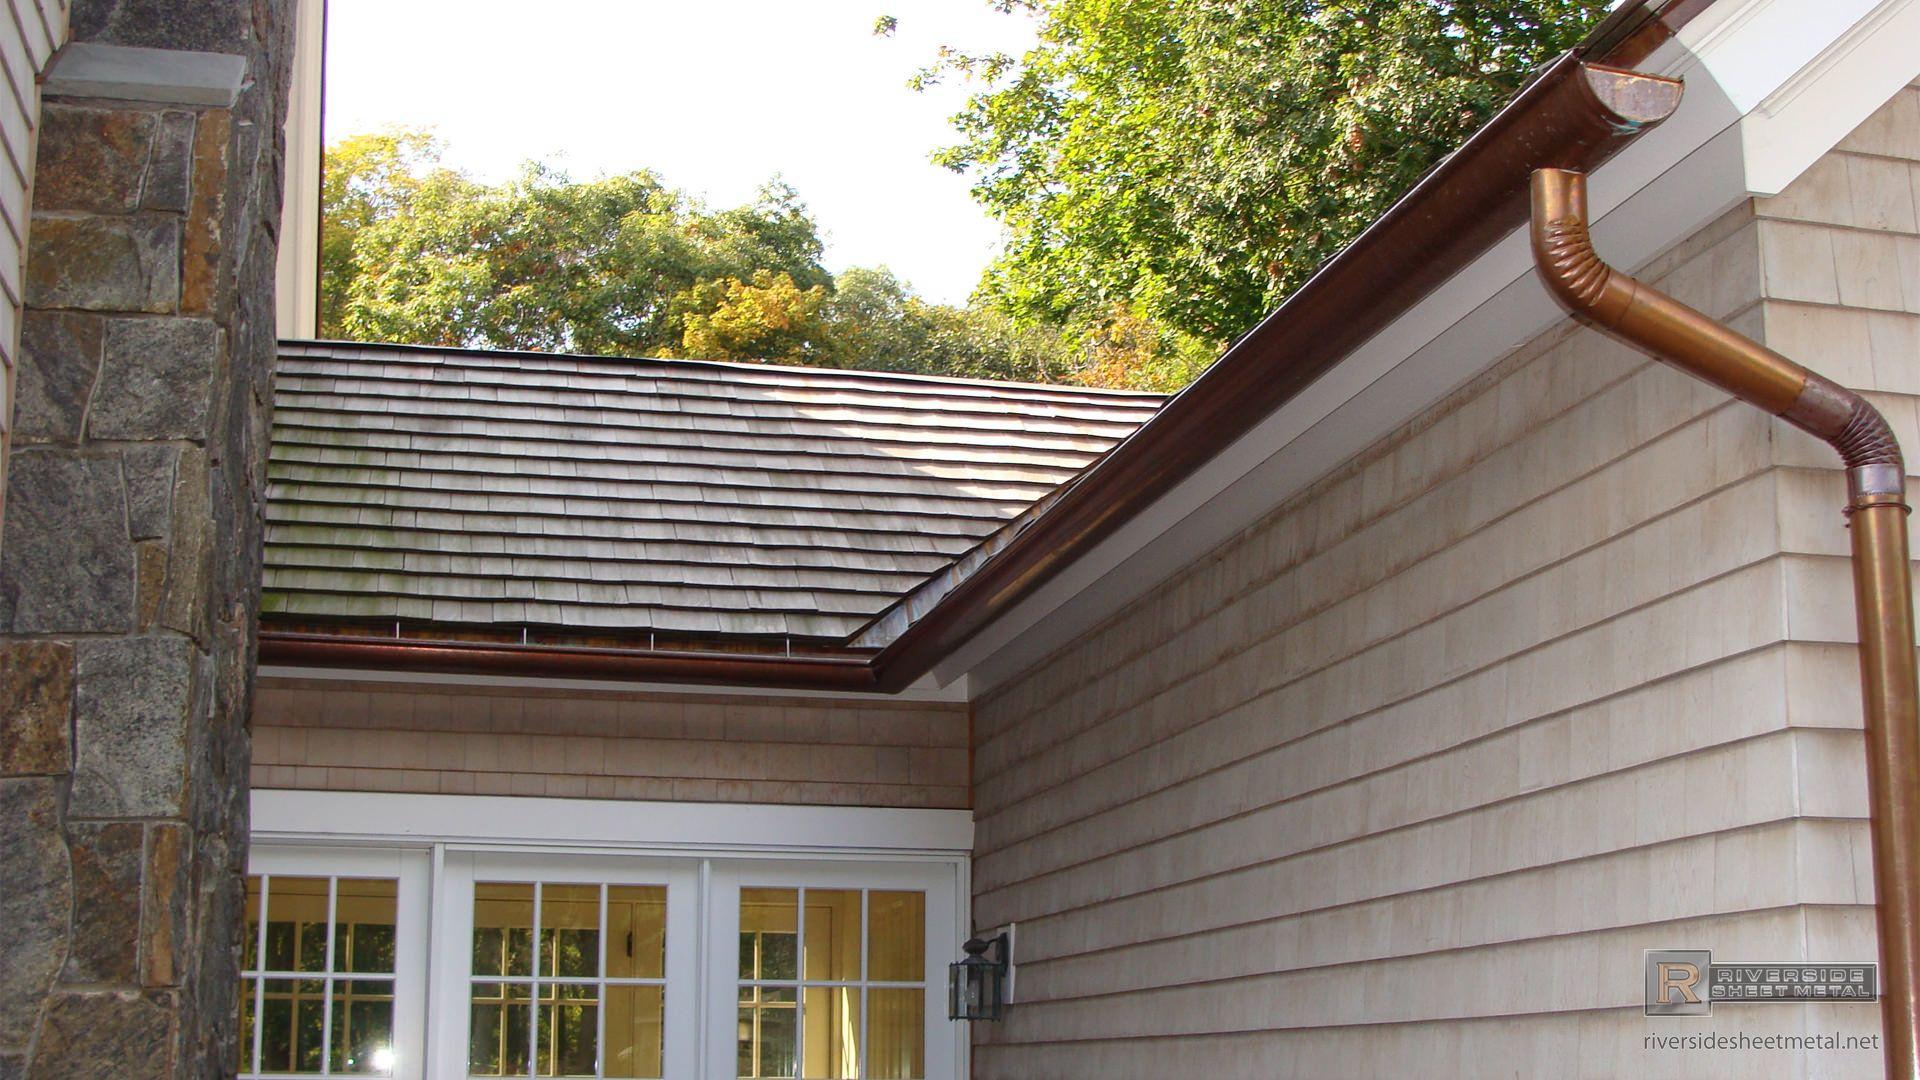 Single Bead 5 Copper Gutter Riverside Sheet Metal Medford Ma Gutters Copper Gutters Historic Homes